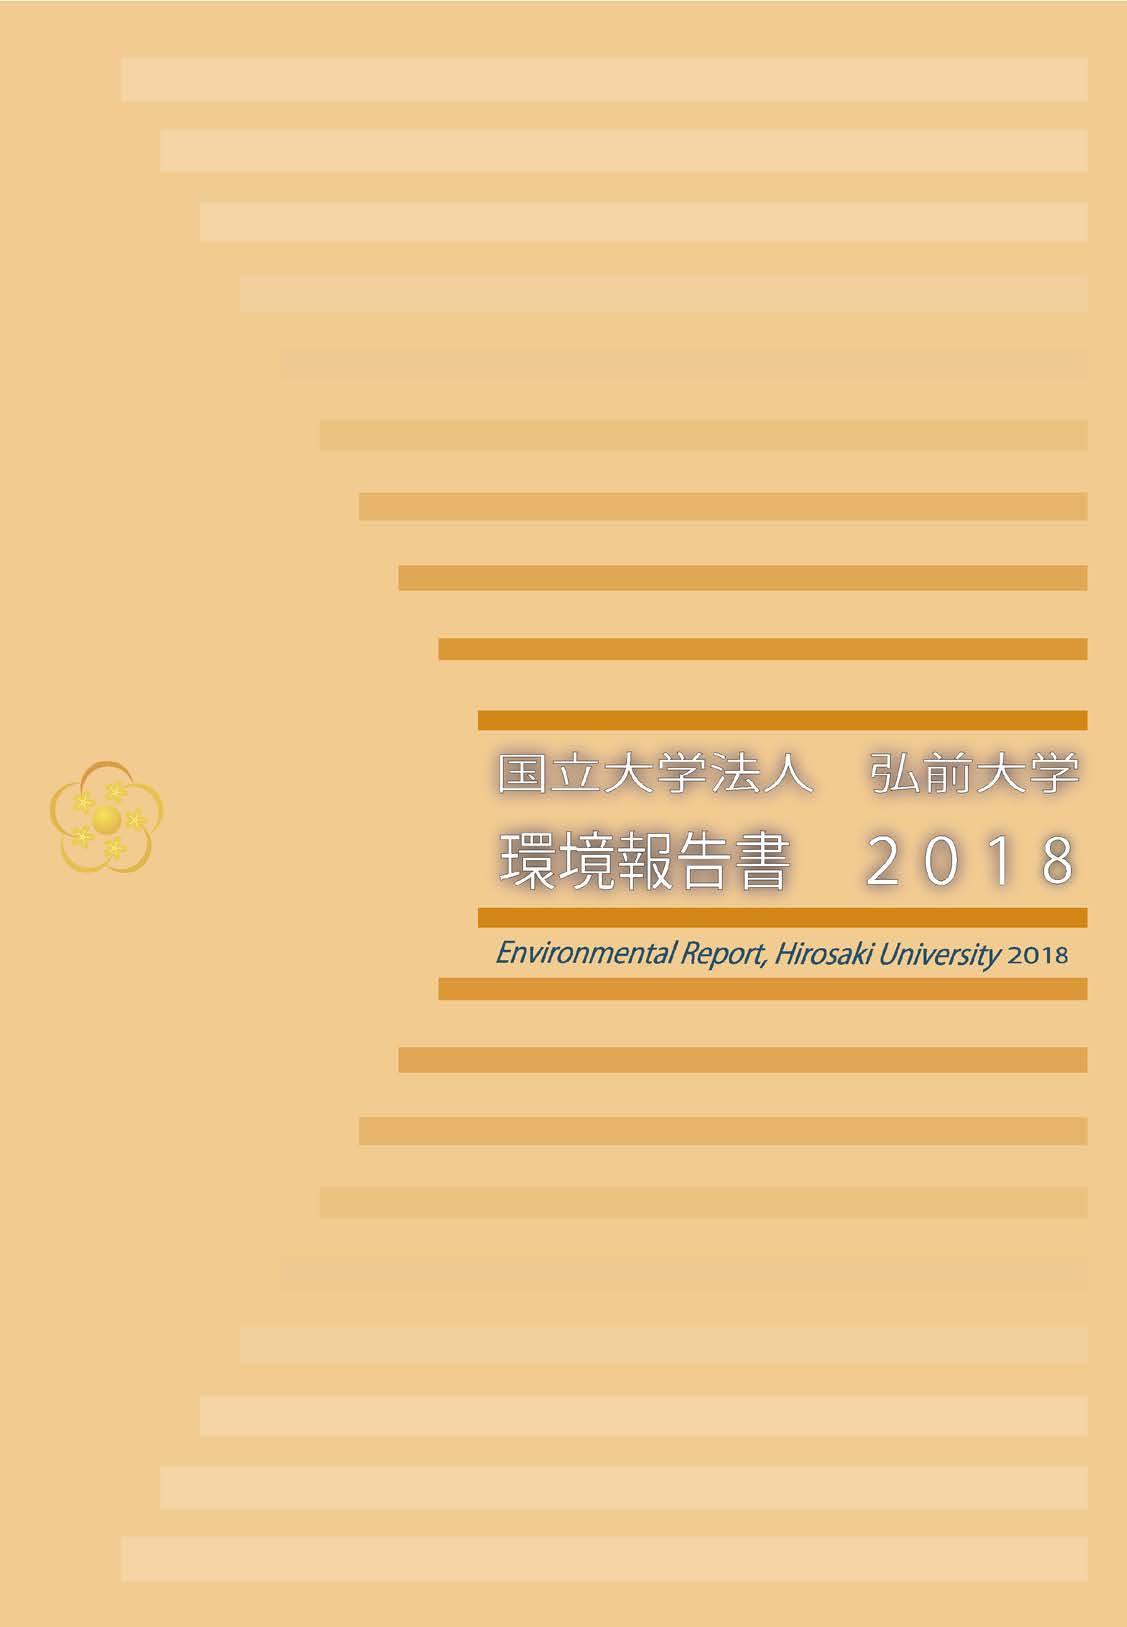 弘前大学環境報告書2018